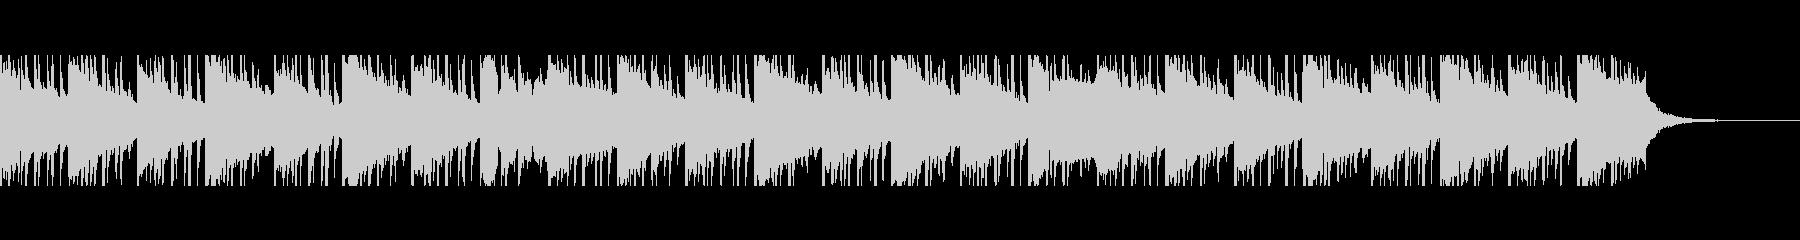 医療音楽(60秒)の未再生の波形